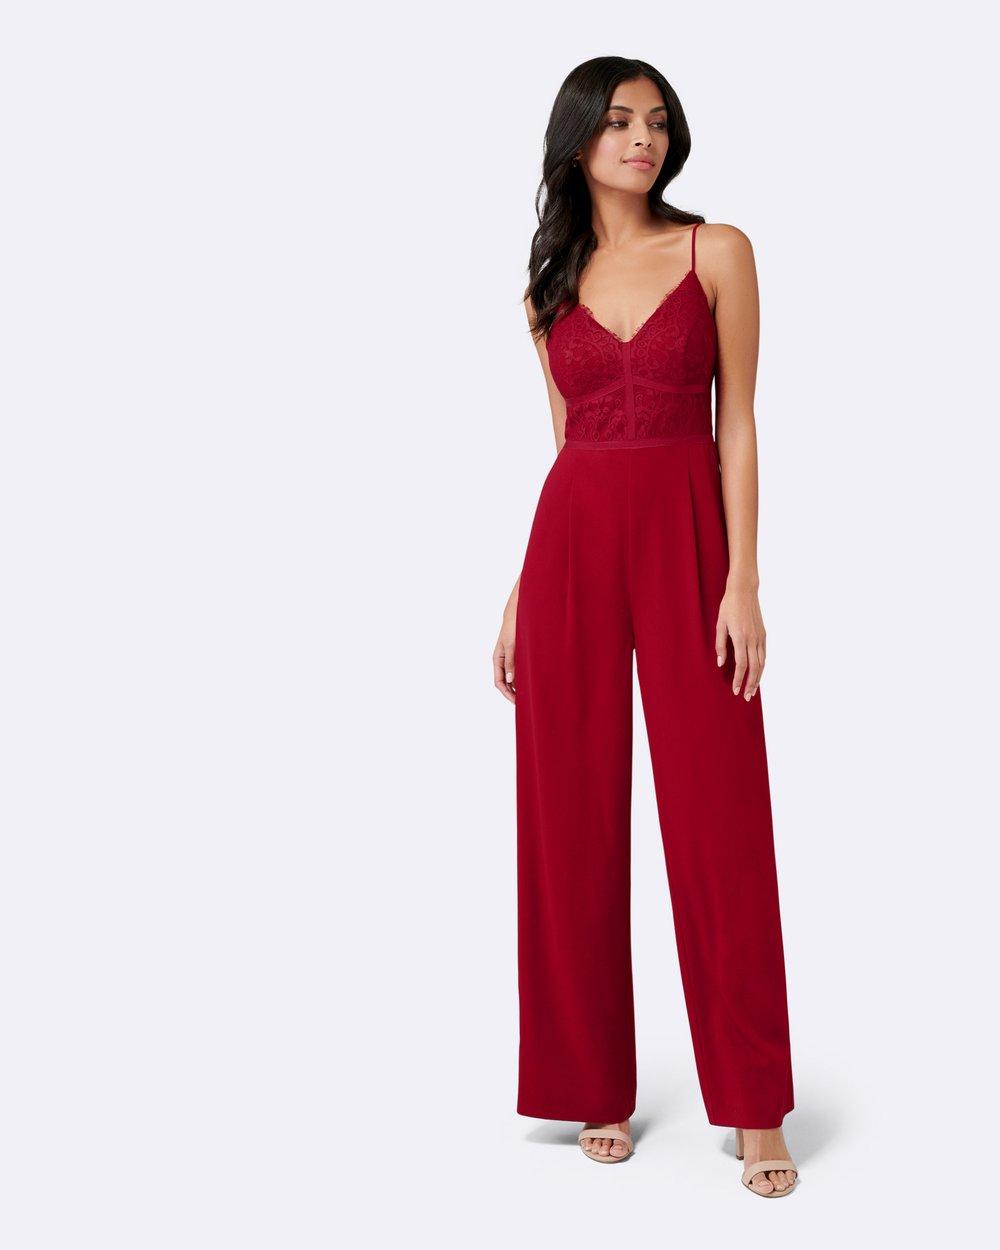 441f0d939ec0 Petite Celine Lace Bodice Jumpsuit by Forever New Petite Online ...